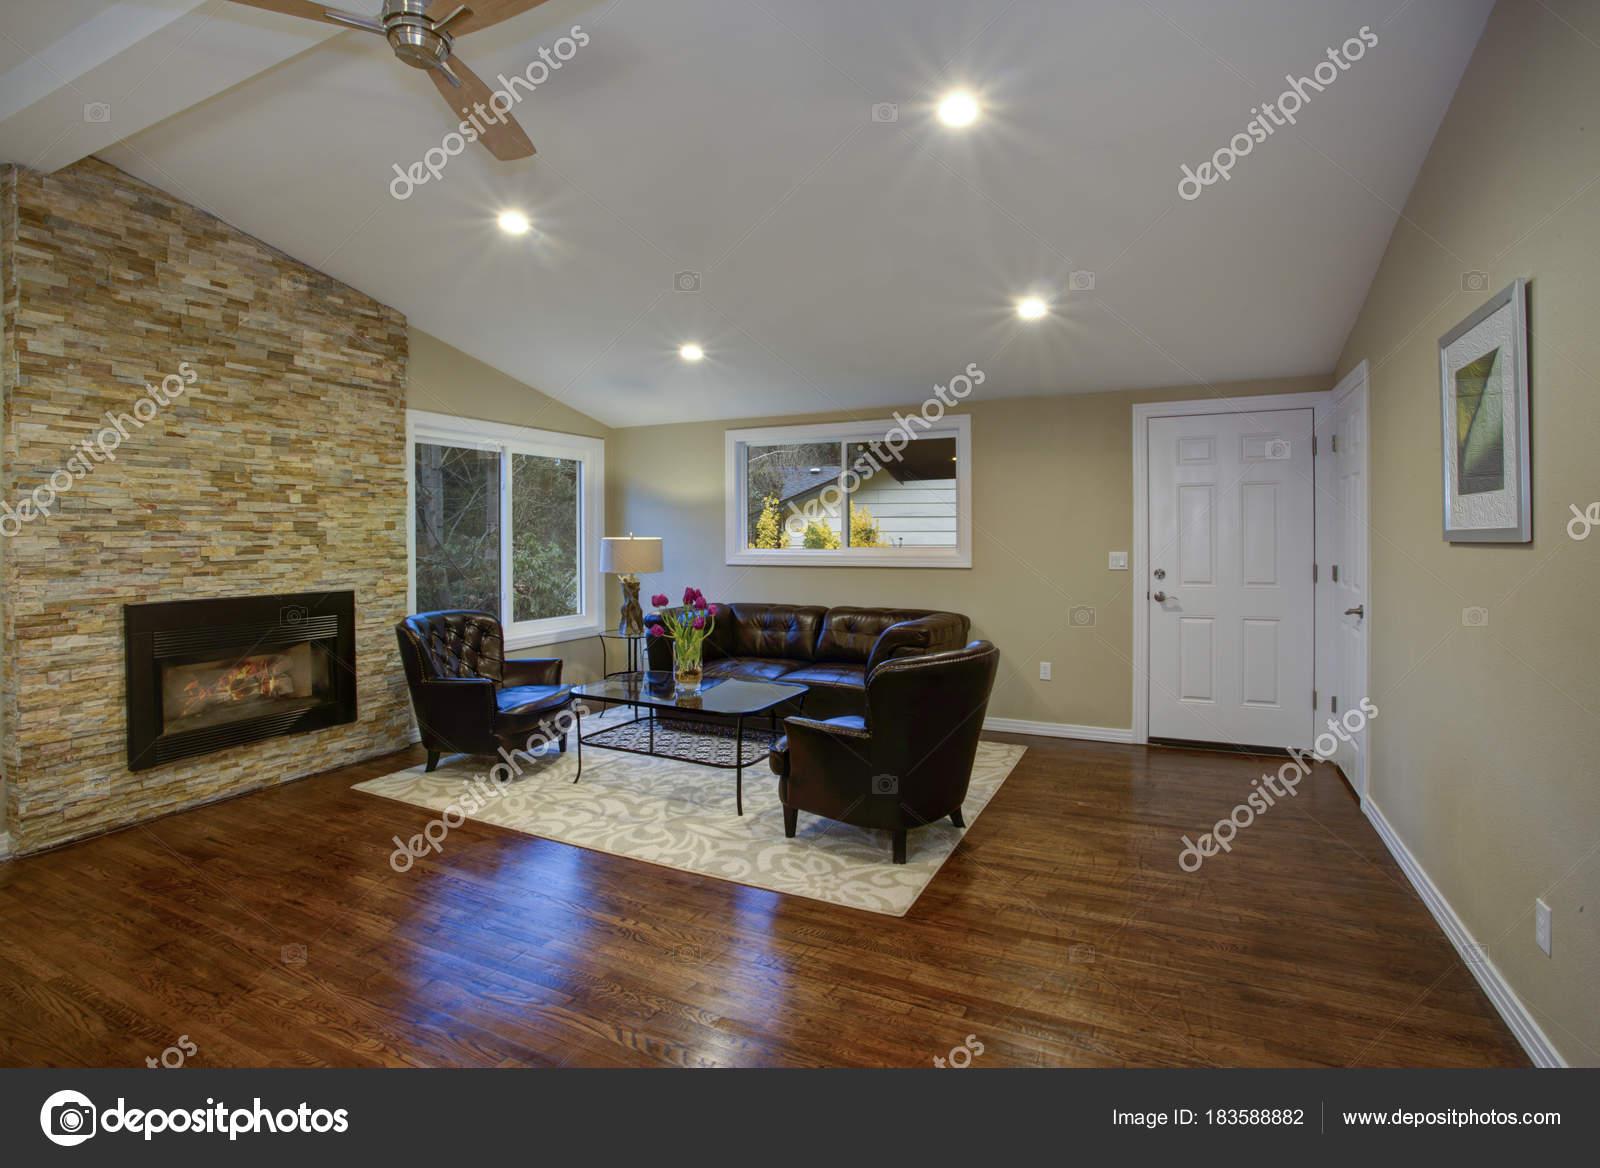 Tolles Zimmer Luxusdesign mit offenen Grundriss — Stockfoto © alabn ...